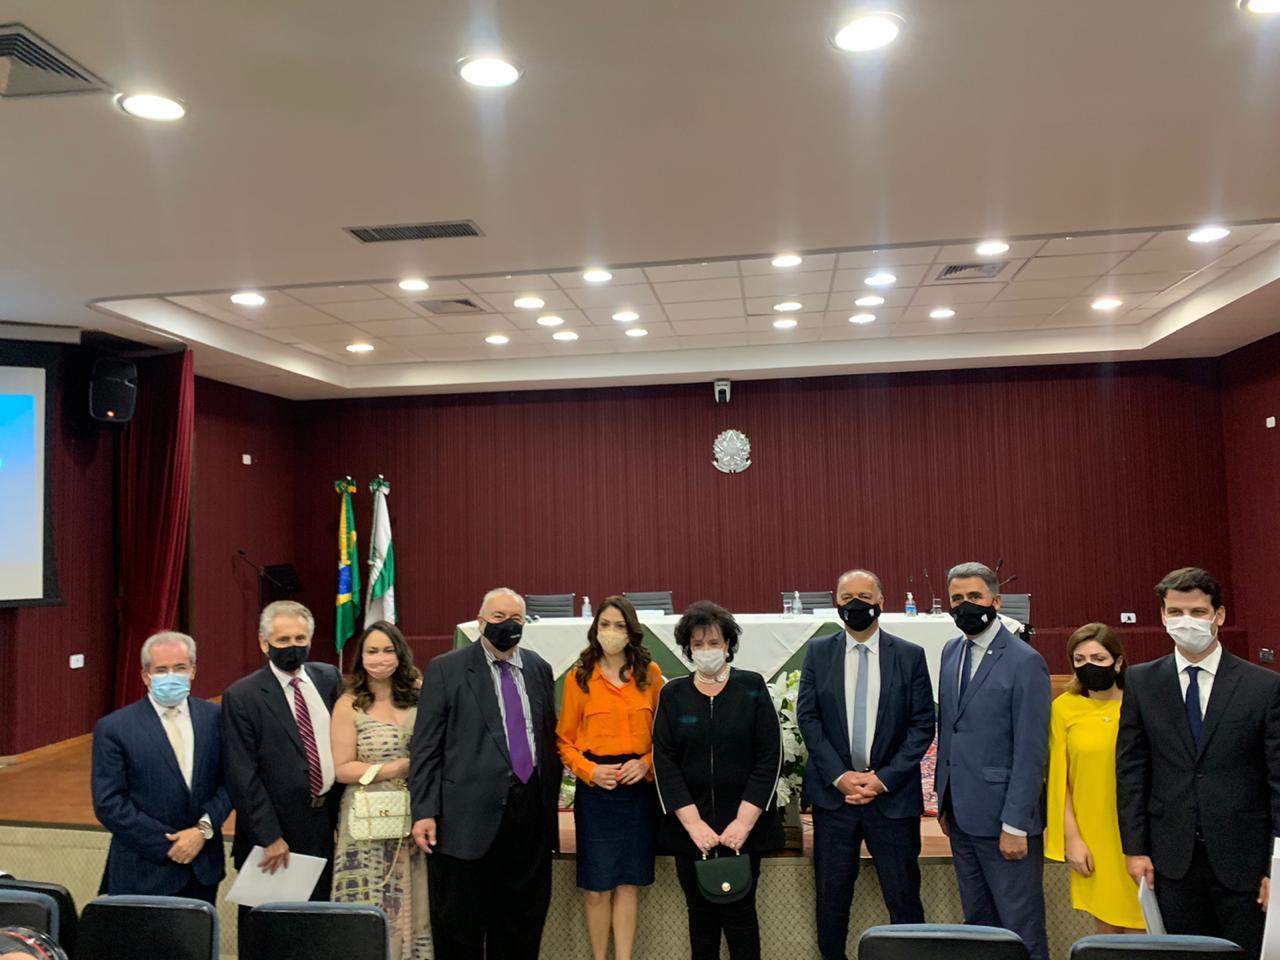 Apenas quatro eleitos receberam o diploma no local da cerimônia: Rafael Greca, Eduardo Pimentel, Indiara Barbosa e Sabino Picolo. Foto: TRE-PR